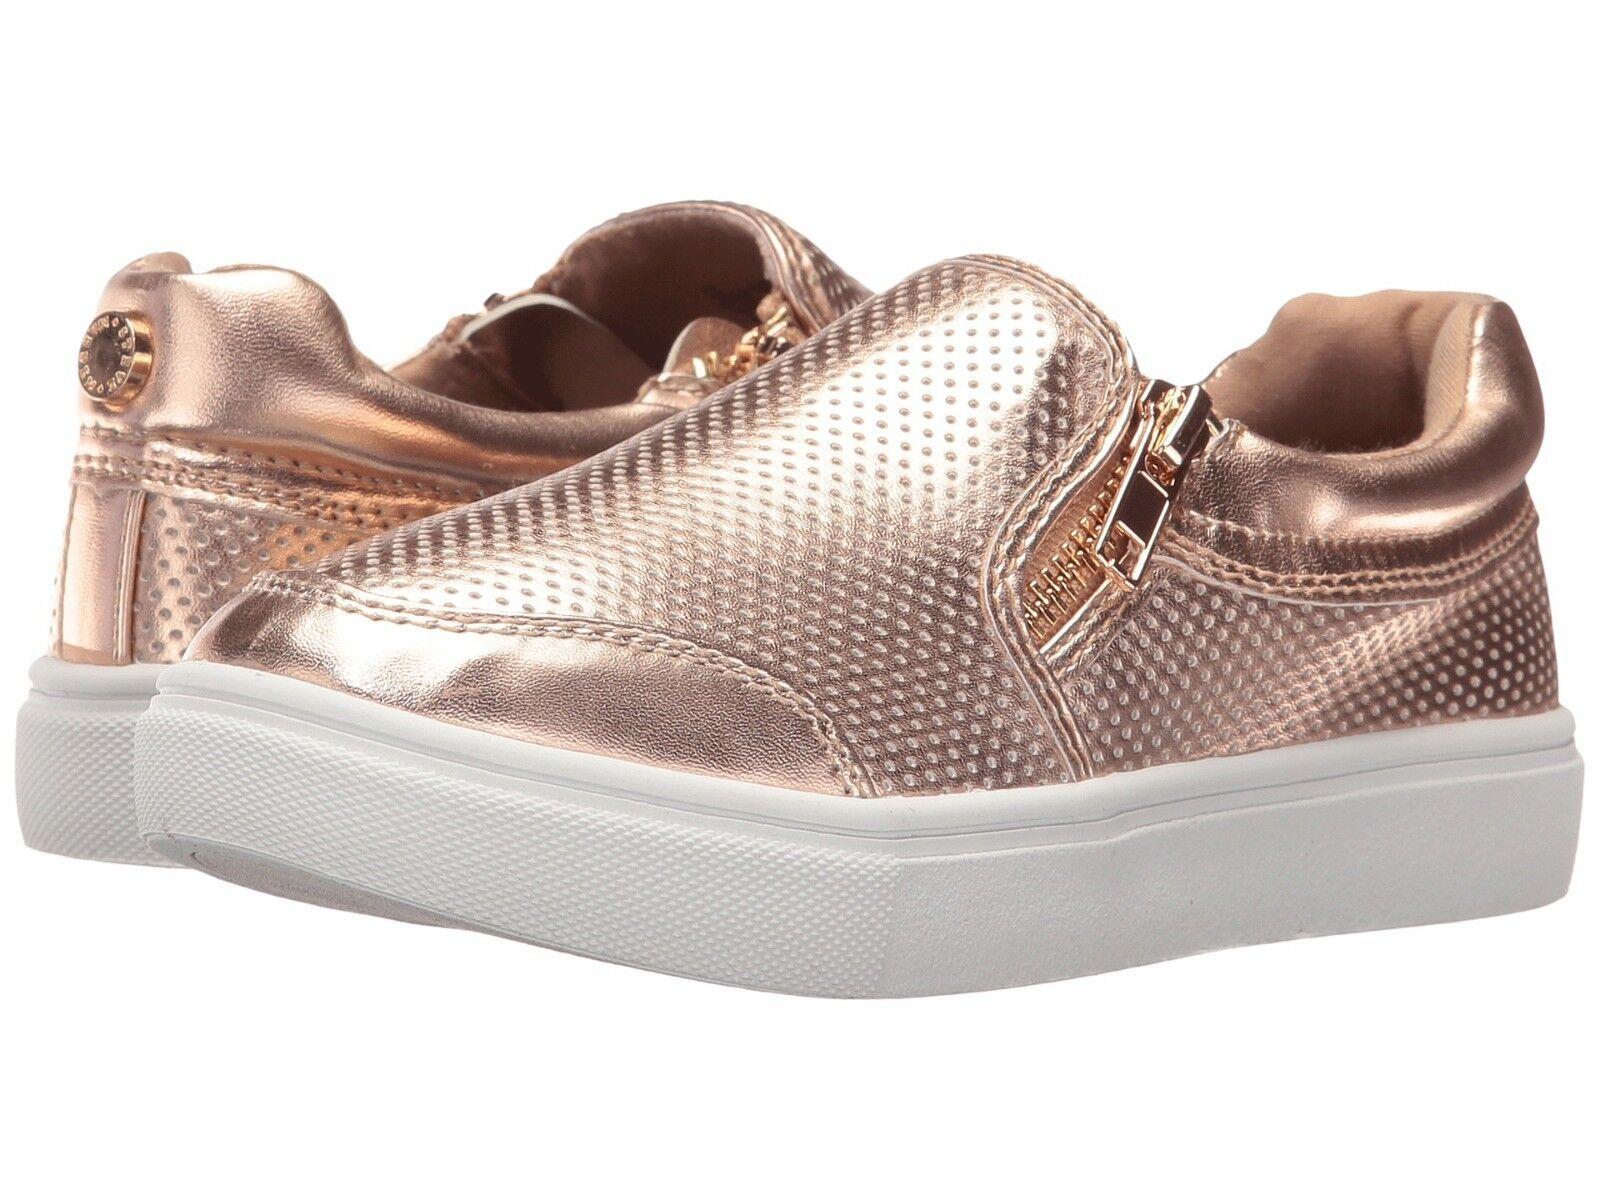 Steve Madden - - - Ellias rosa oro scarpe da ginnastica Sz.9.5 8b1a4d